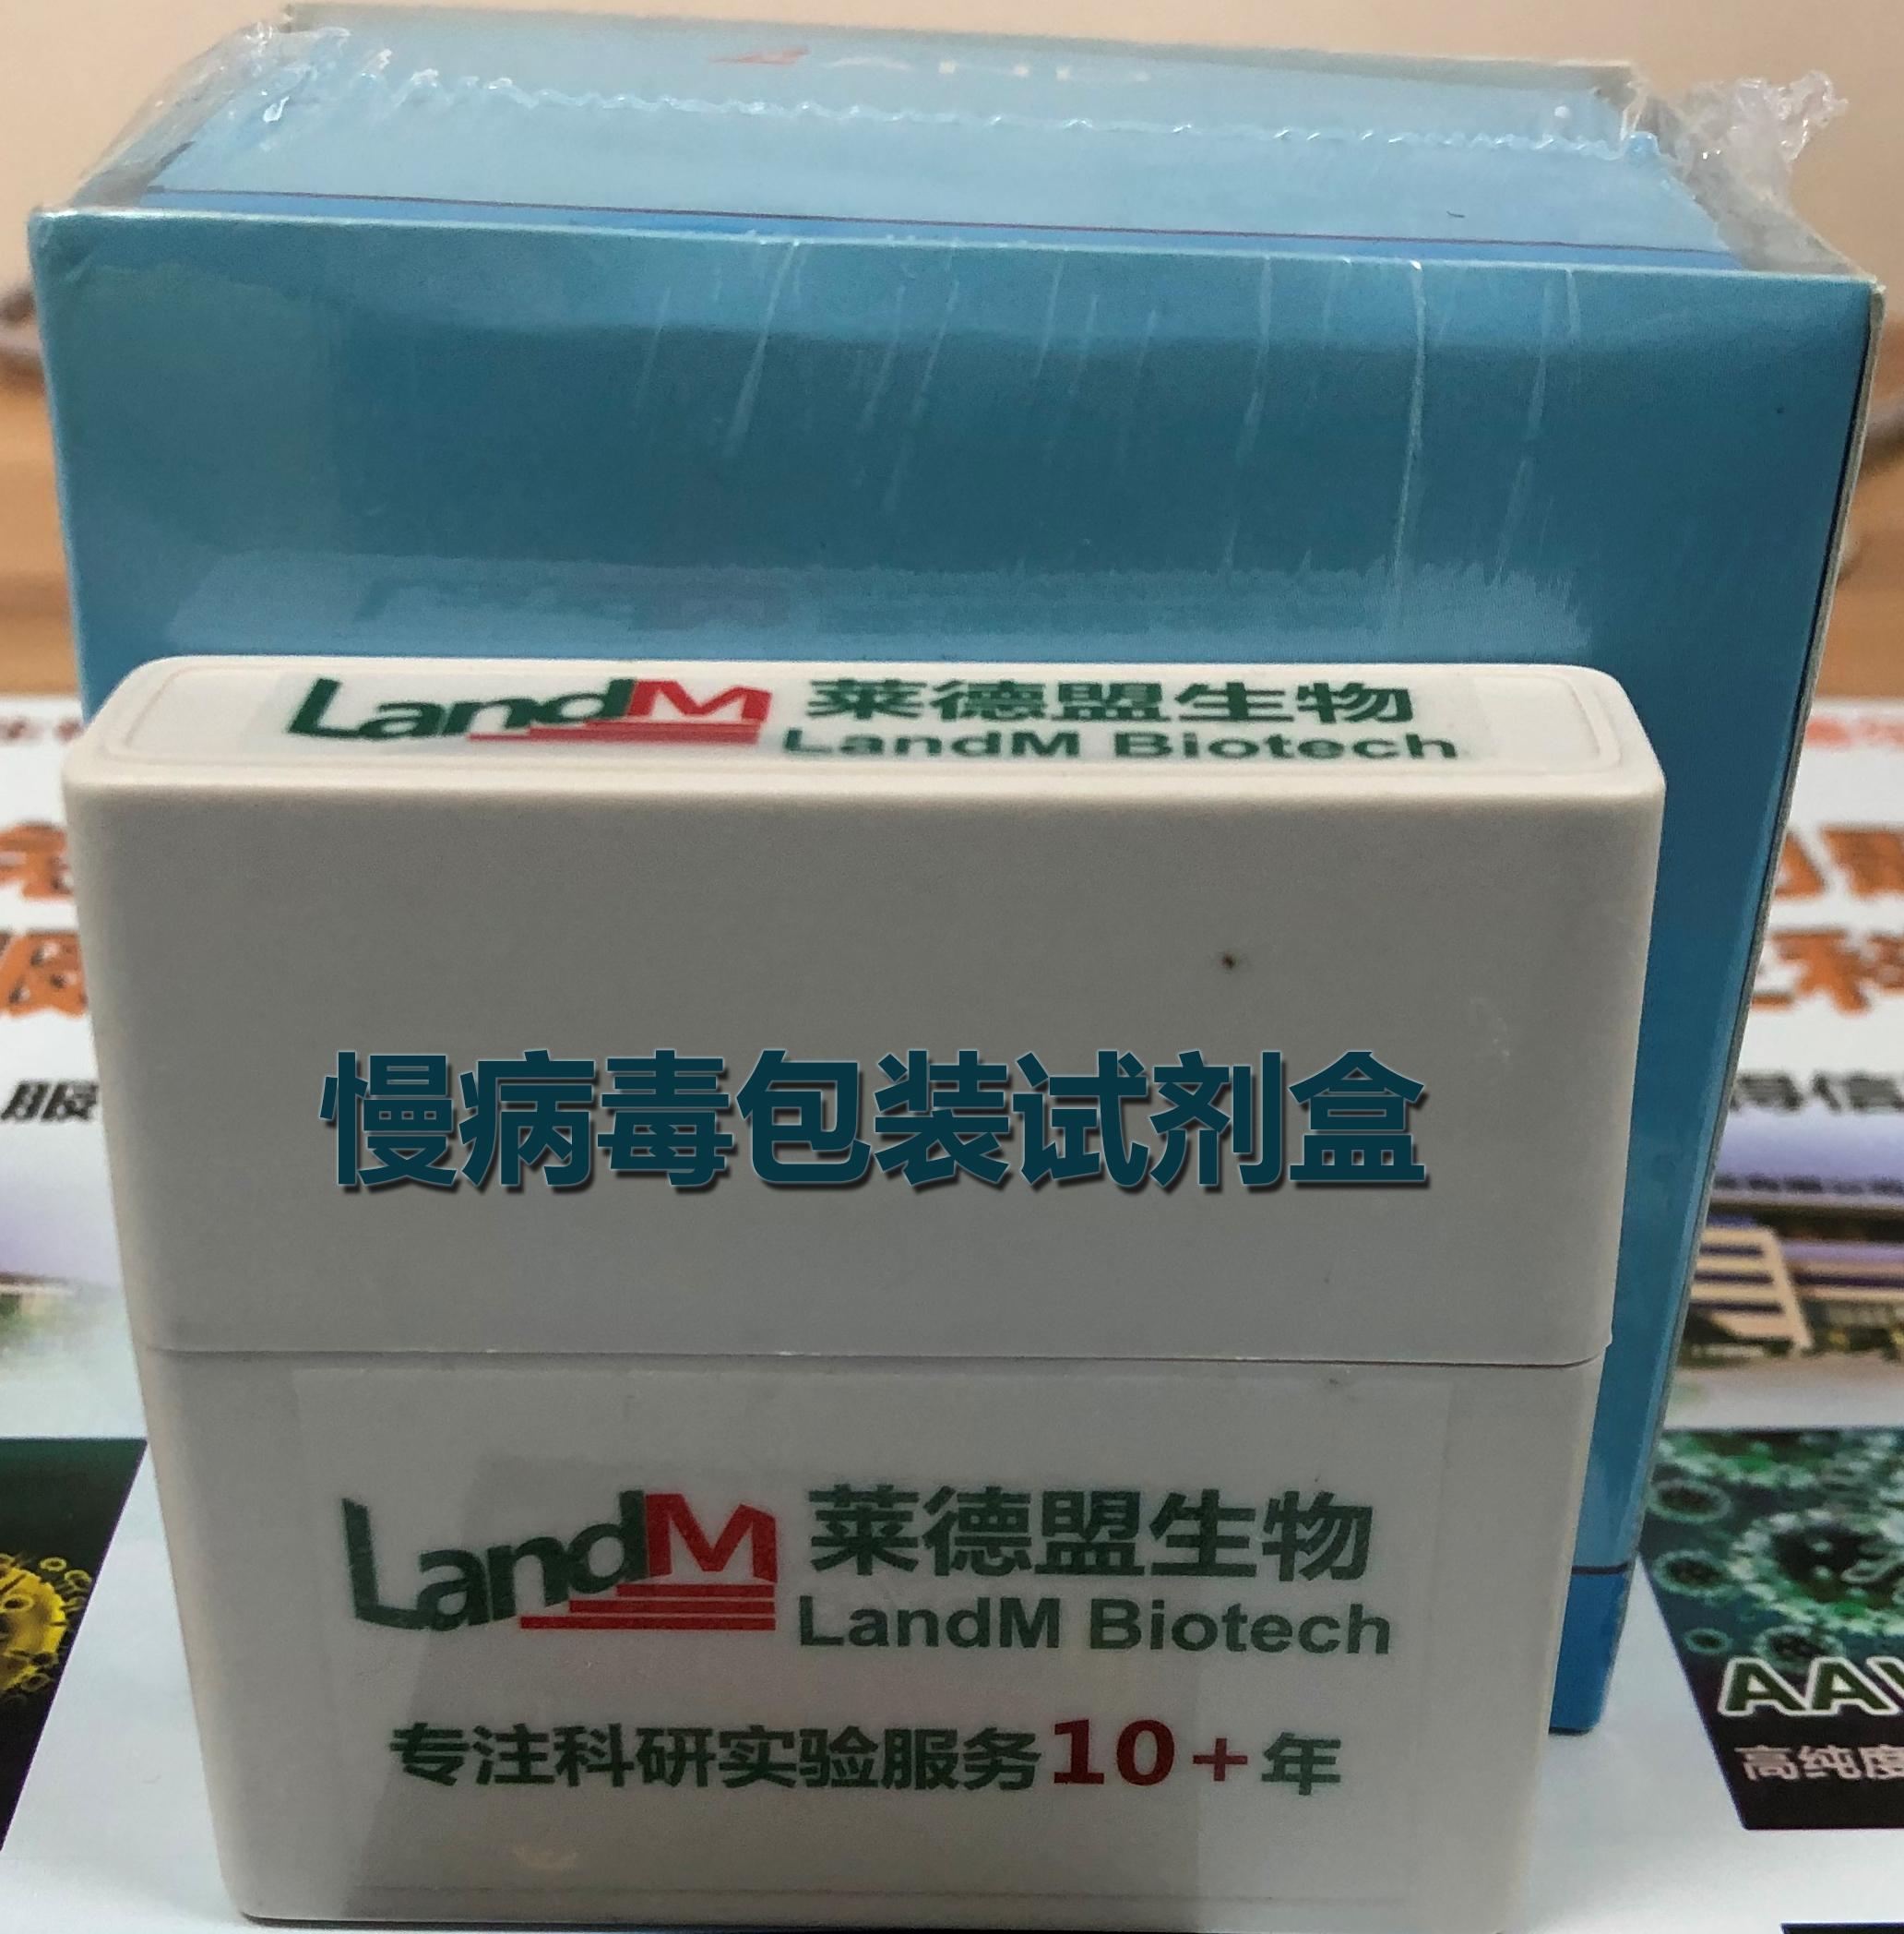 慢病毒包装试剂盒